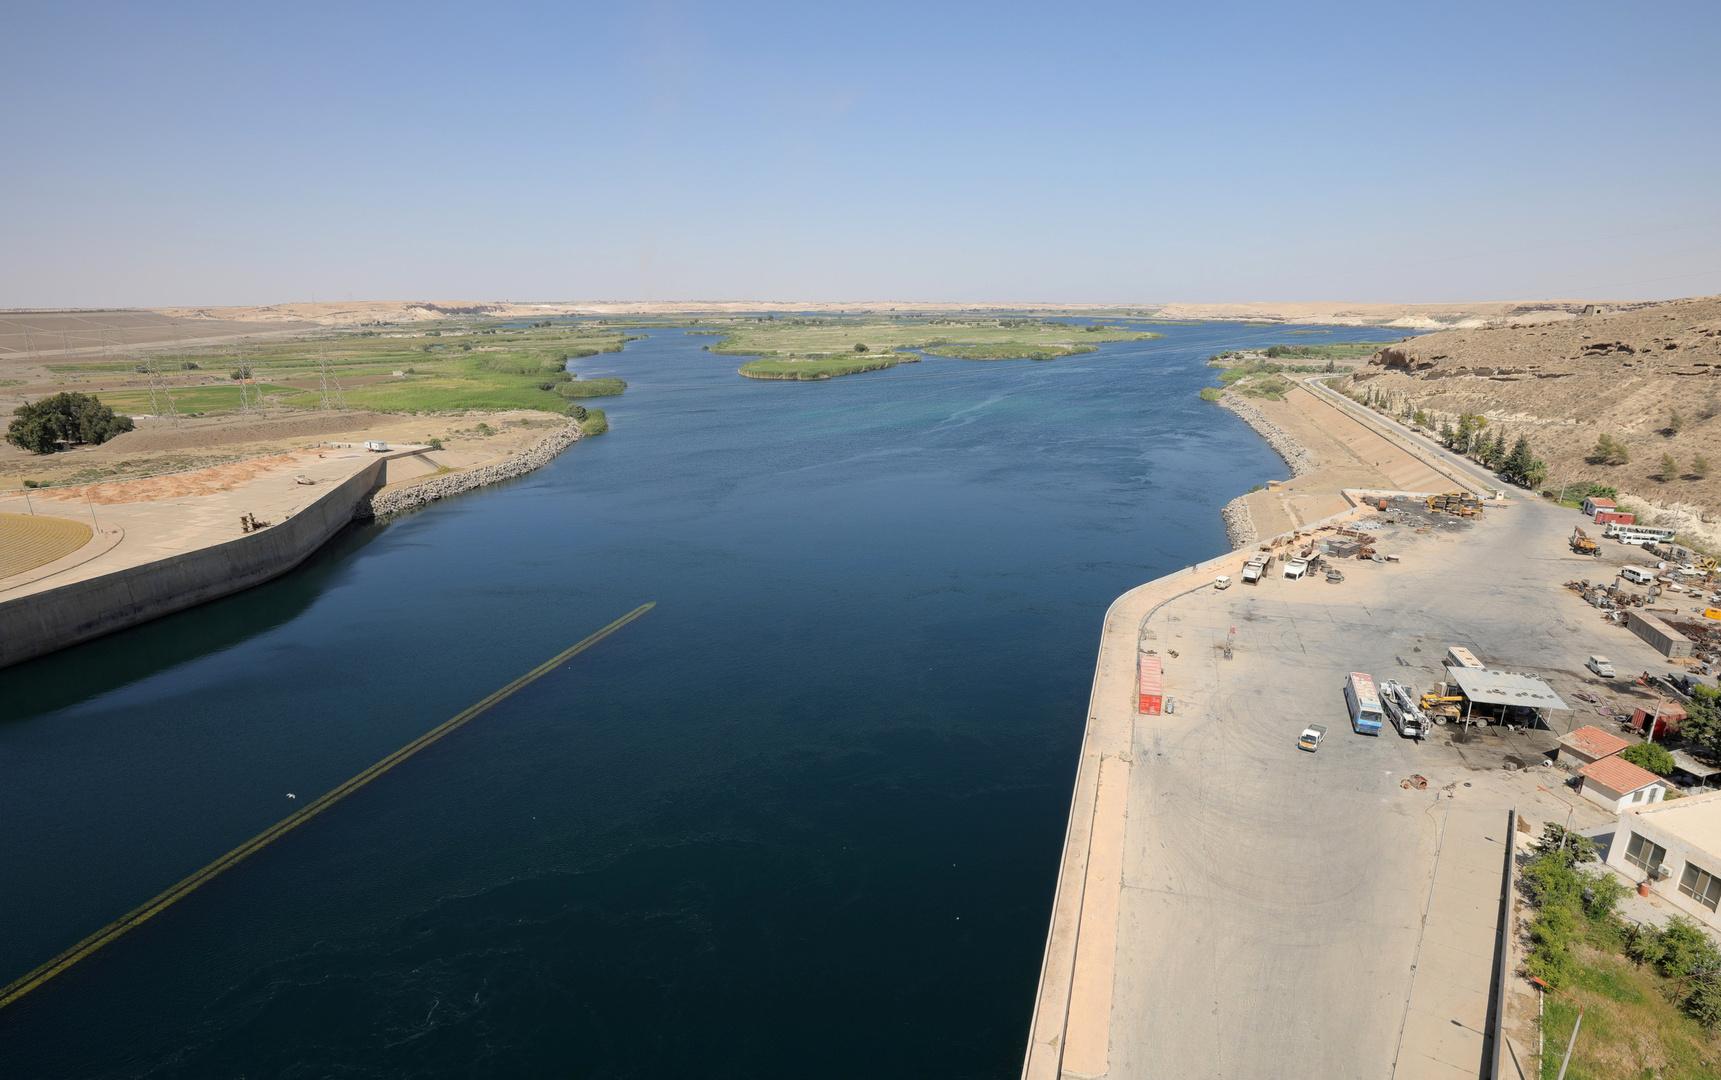 قوات روسية تنصب جسرا عائما فوق الفرات بدير الزور لنقل المعدات العسكرية